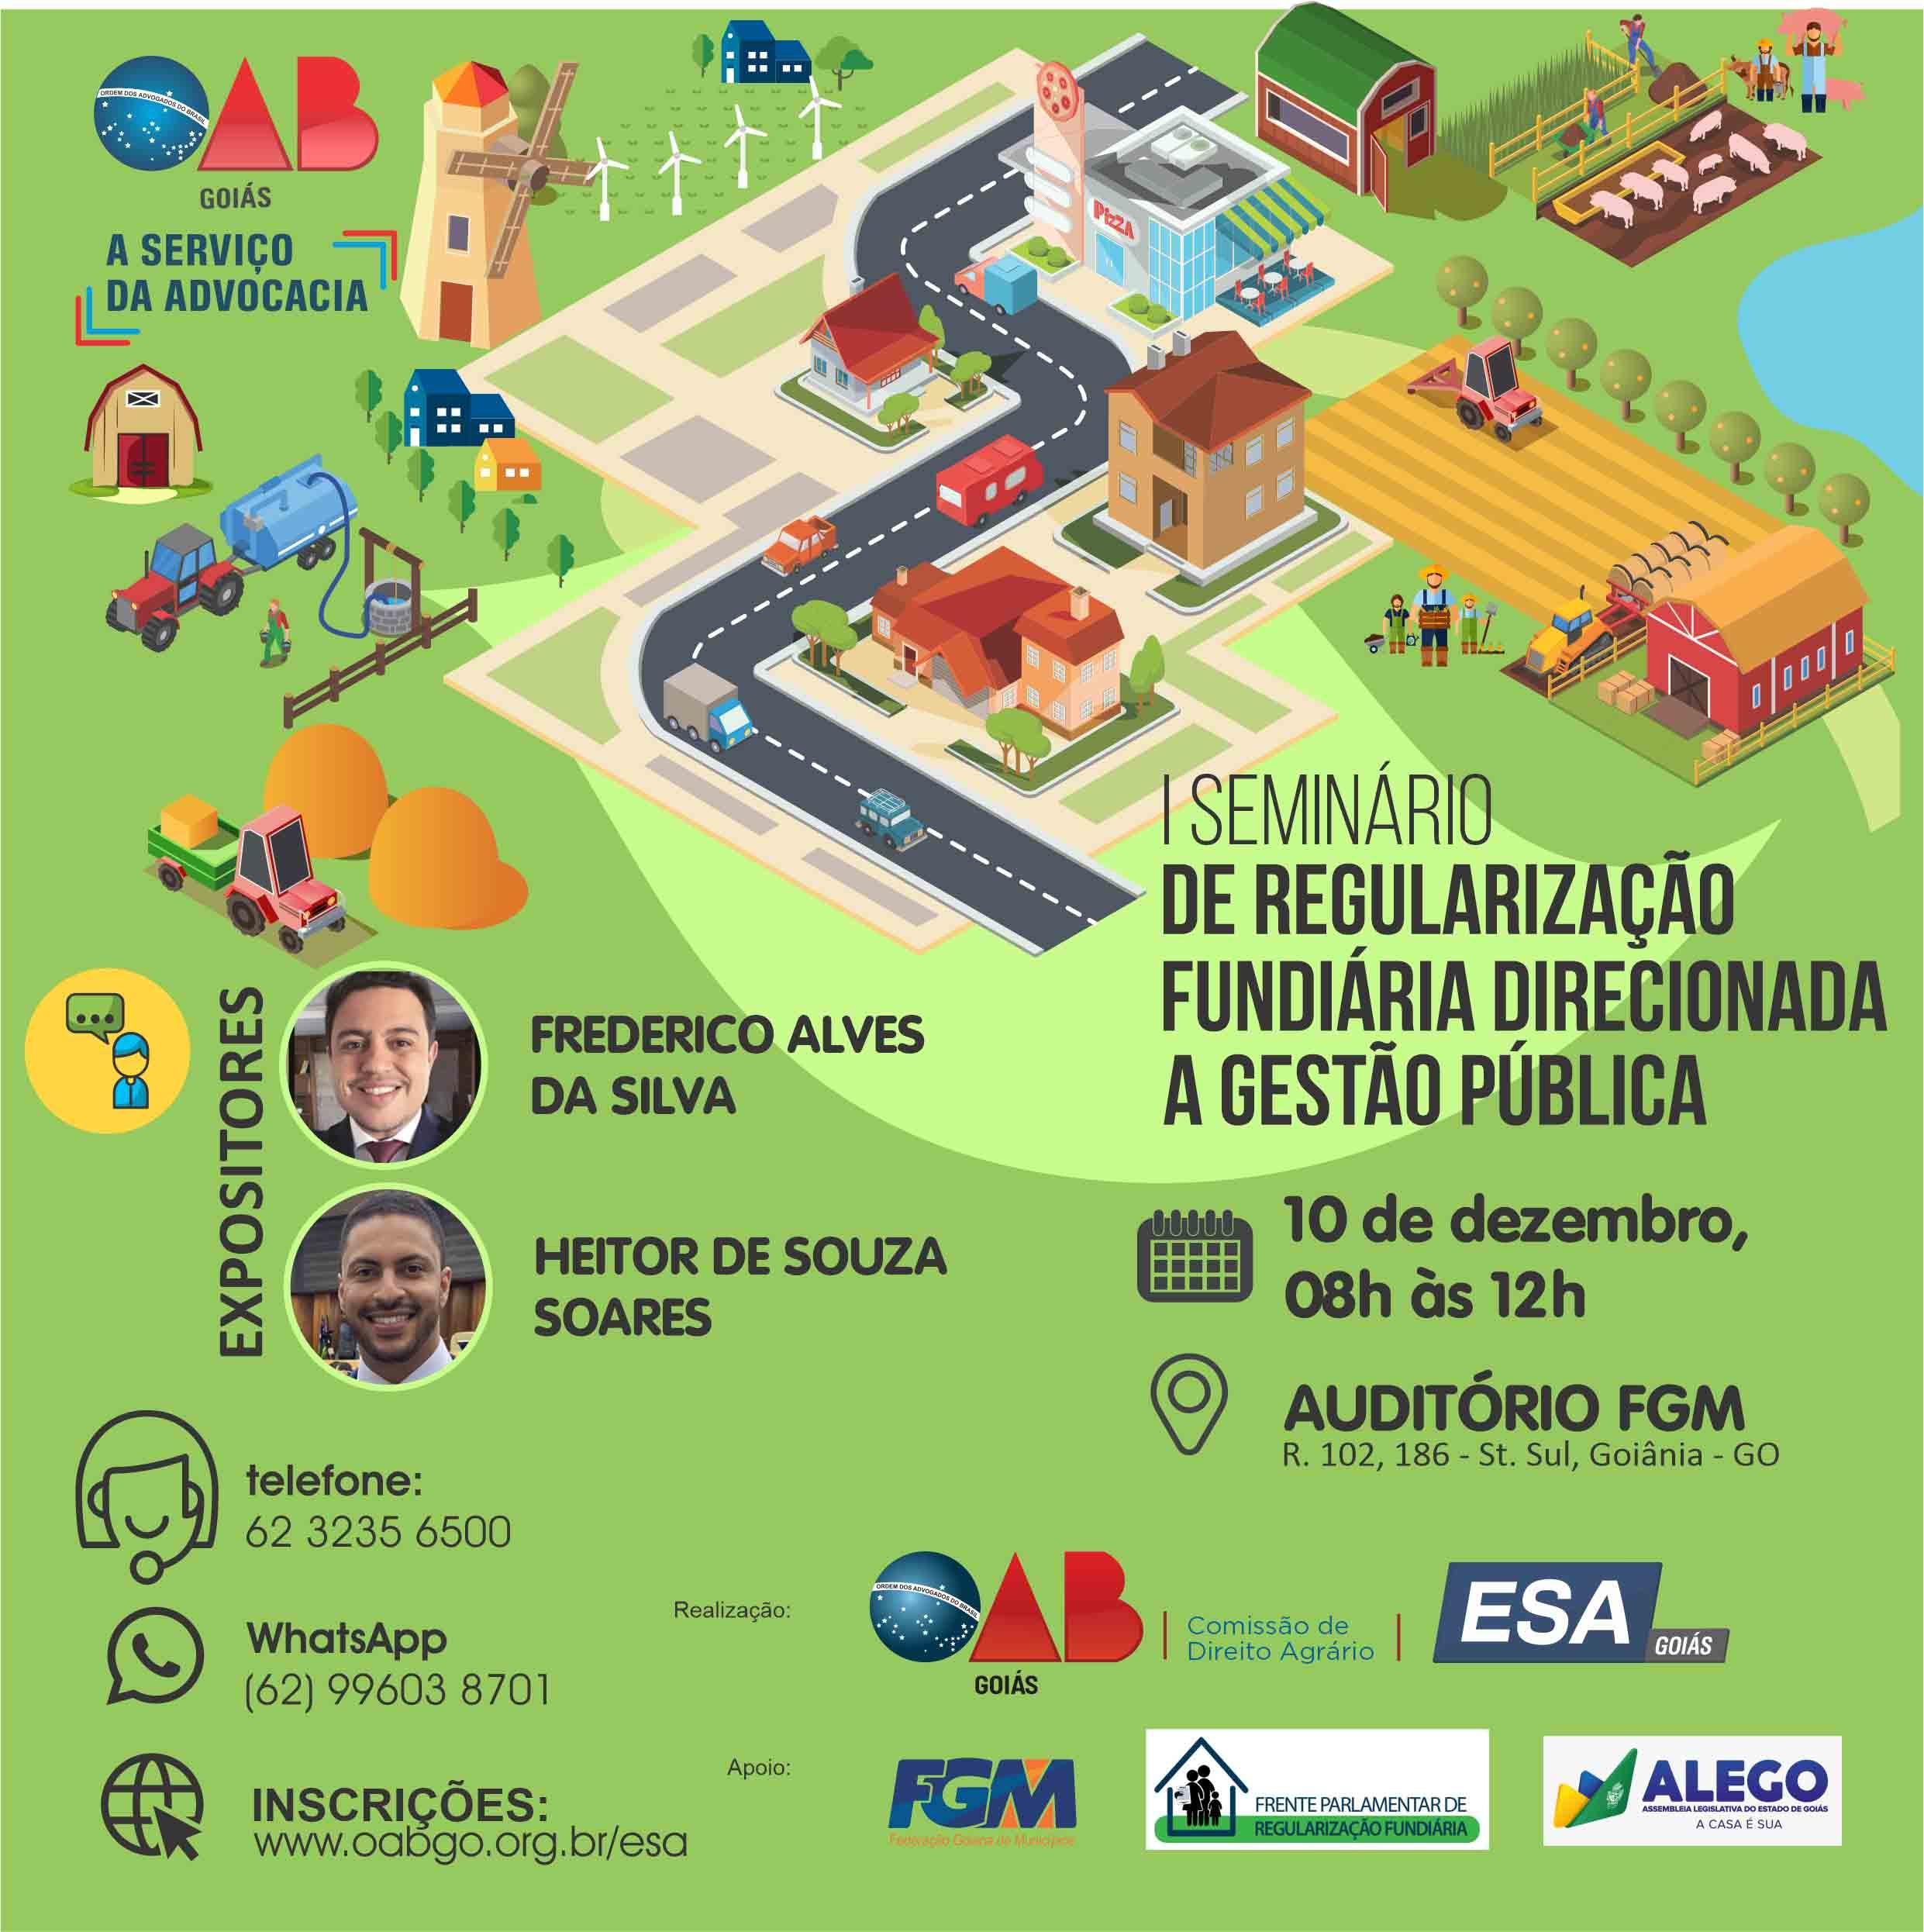 10.12 - I Seminário de Regularização Fundiária Direcionada à Gestão Pública